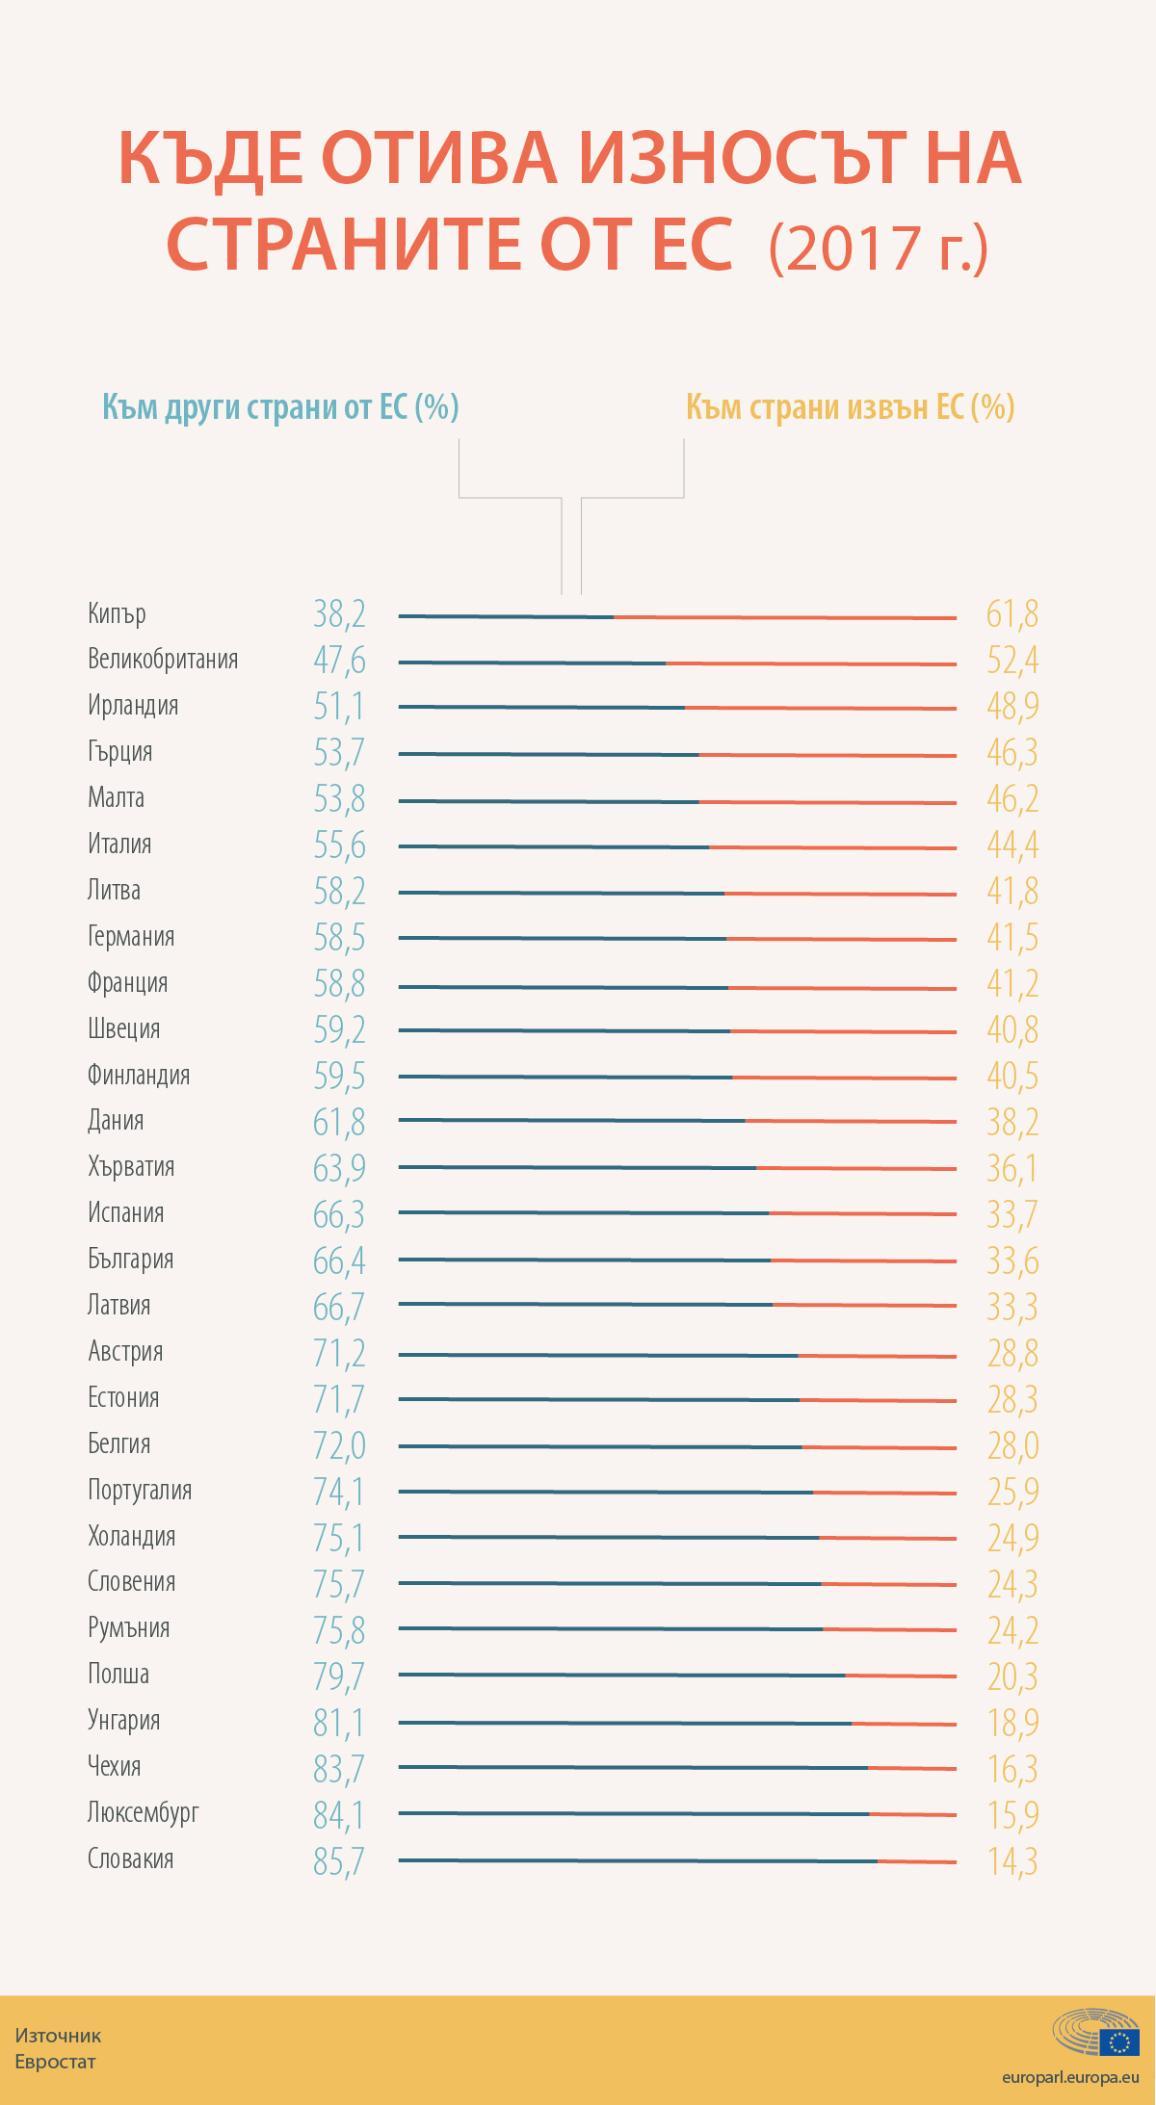 Инфографика: Дял на износа на страните в ЕС към европейския и световния пазар през 2017 г.